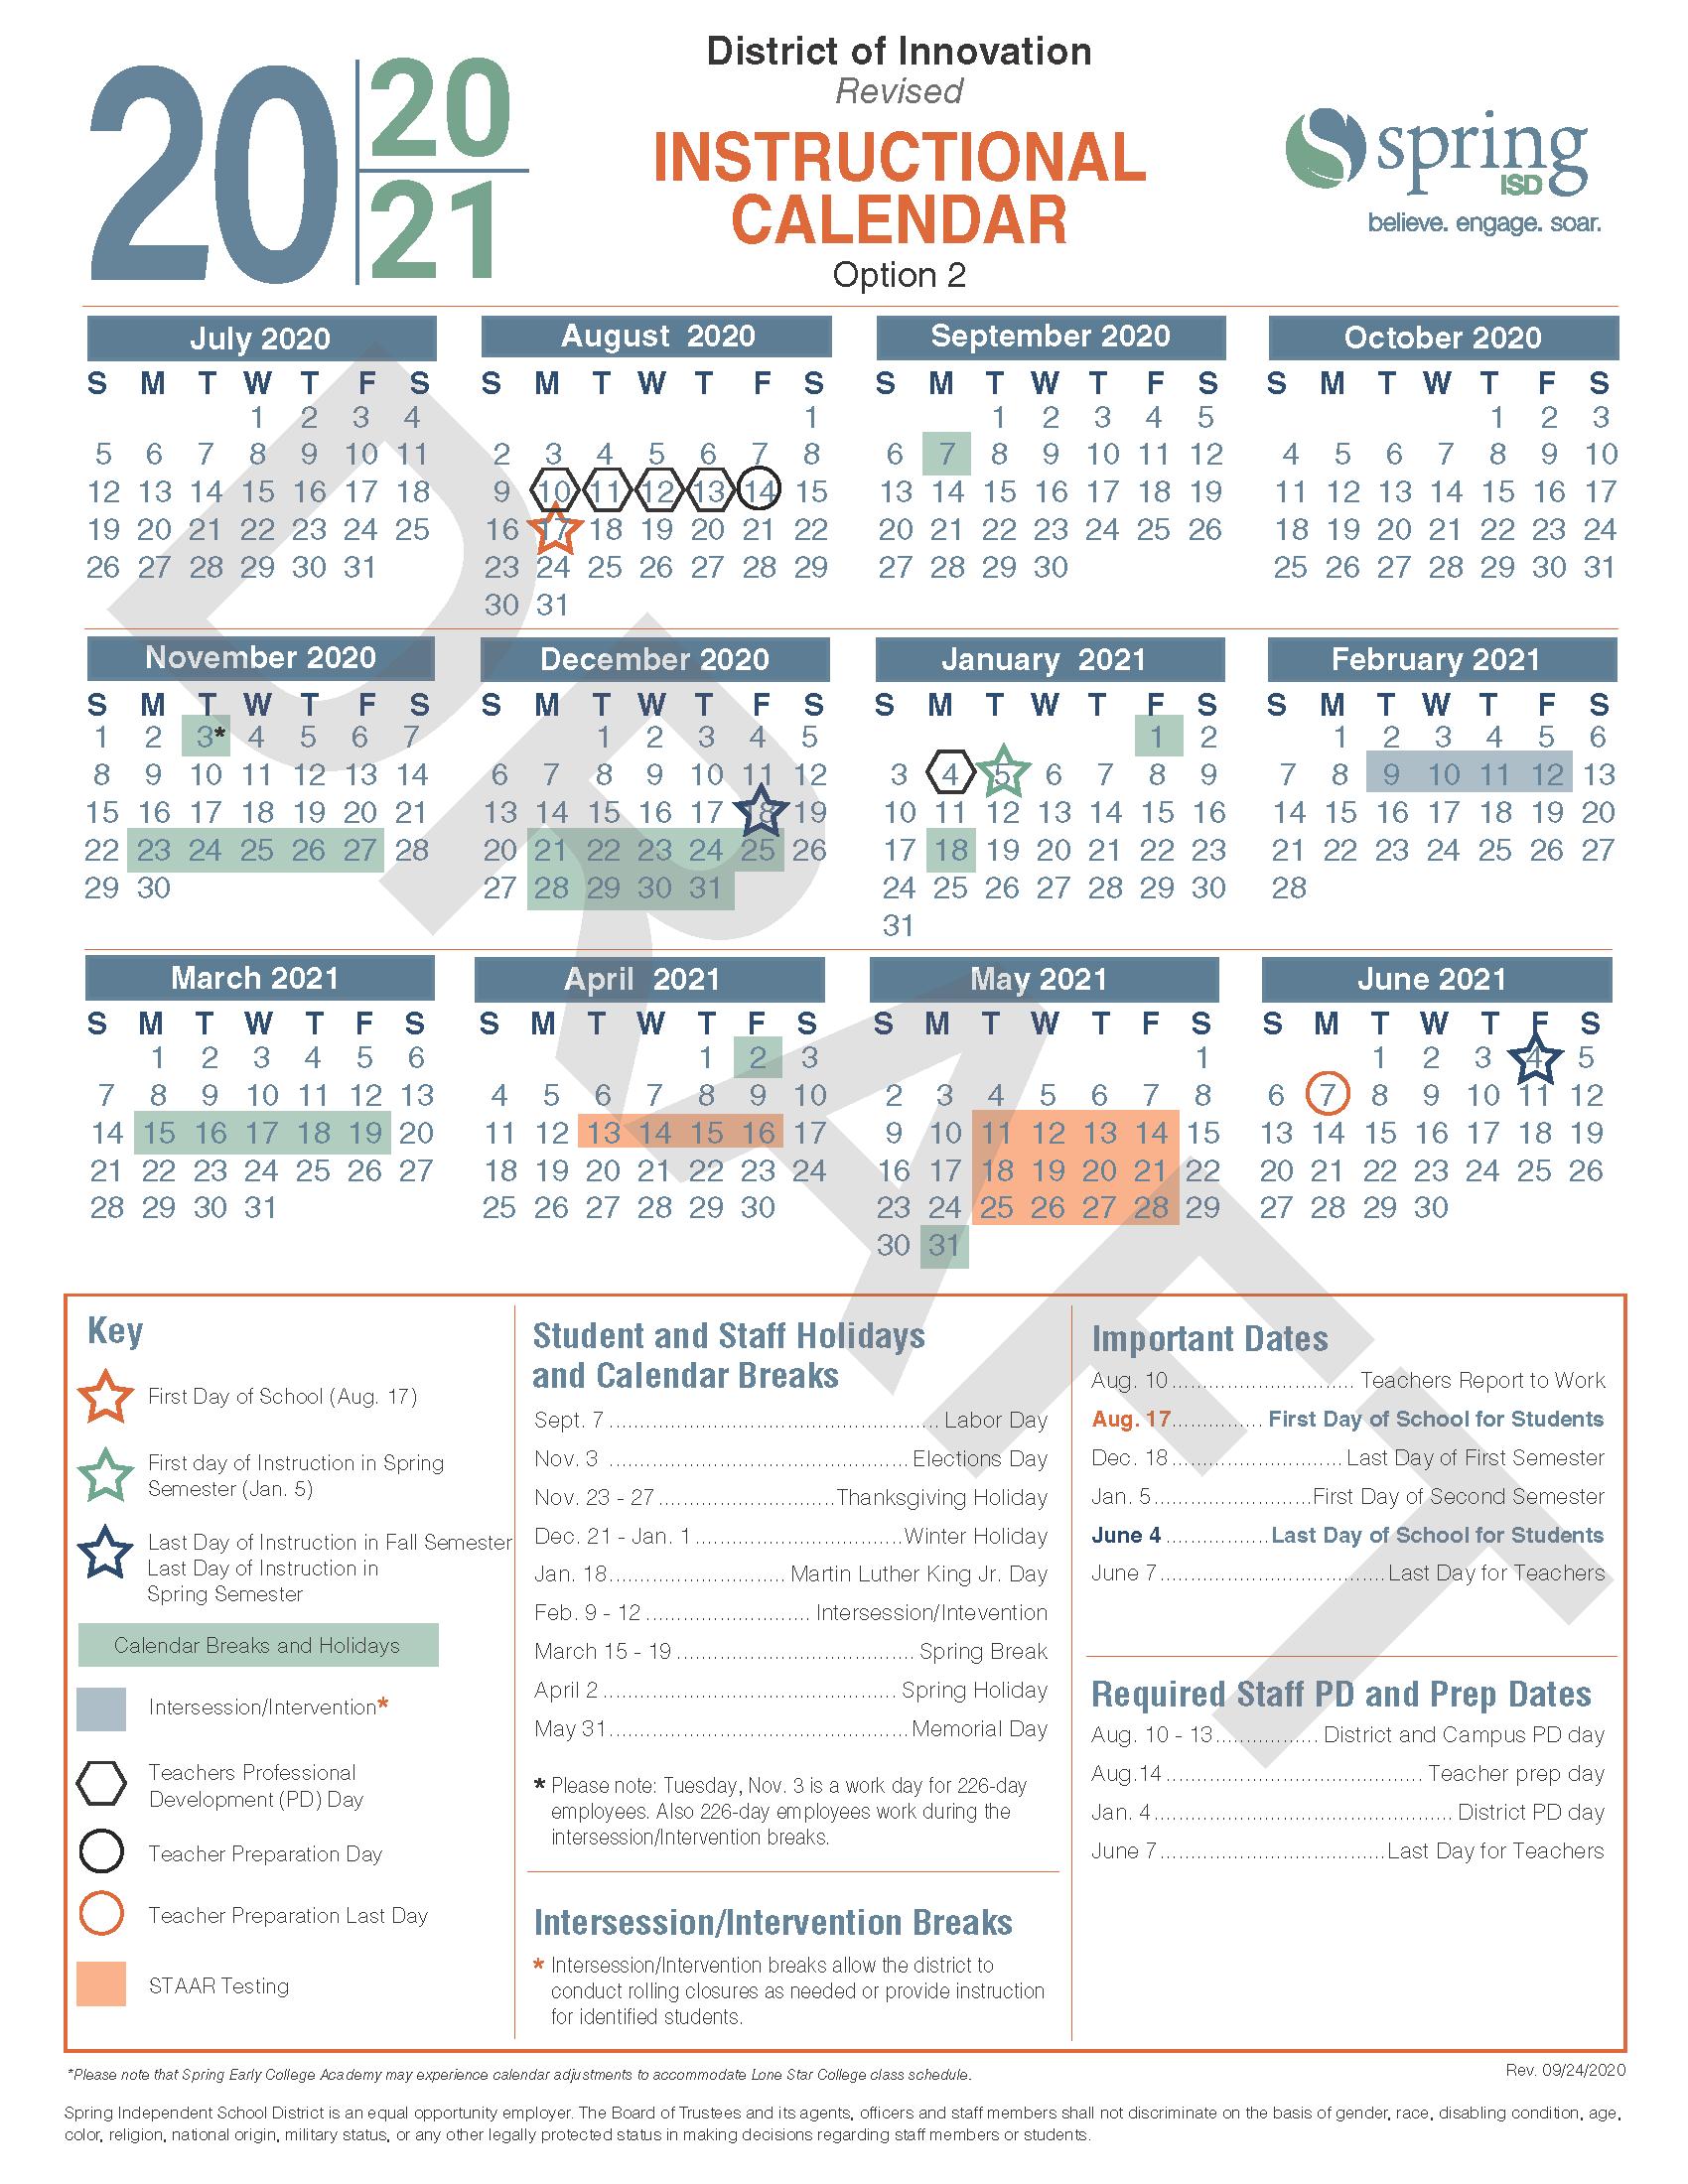 Calendar Survey / Revised 2020 21 Instructional Calendar